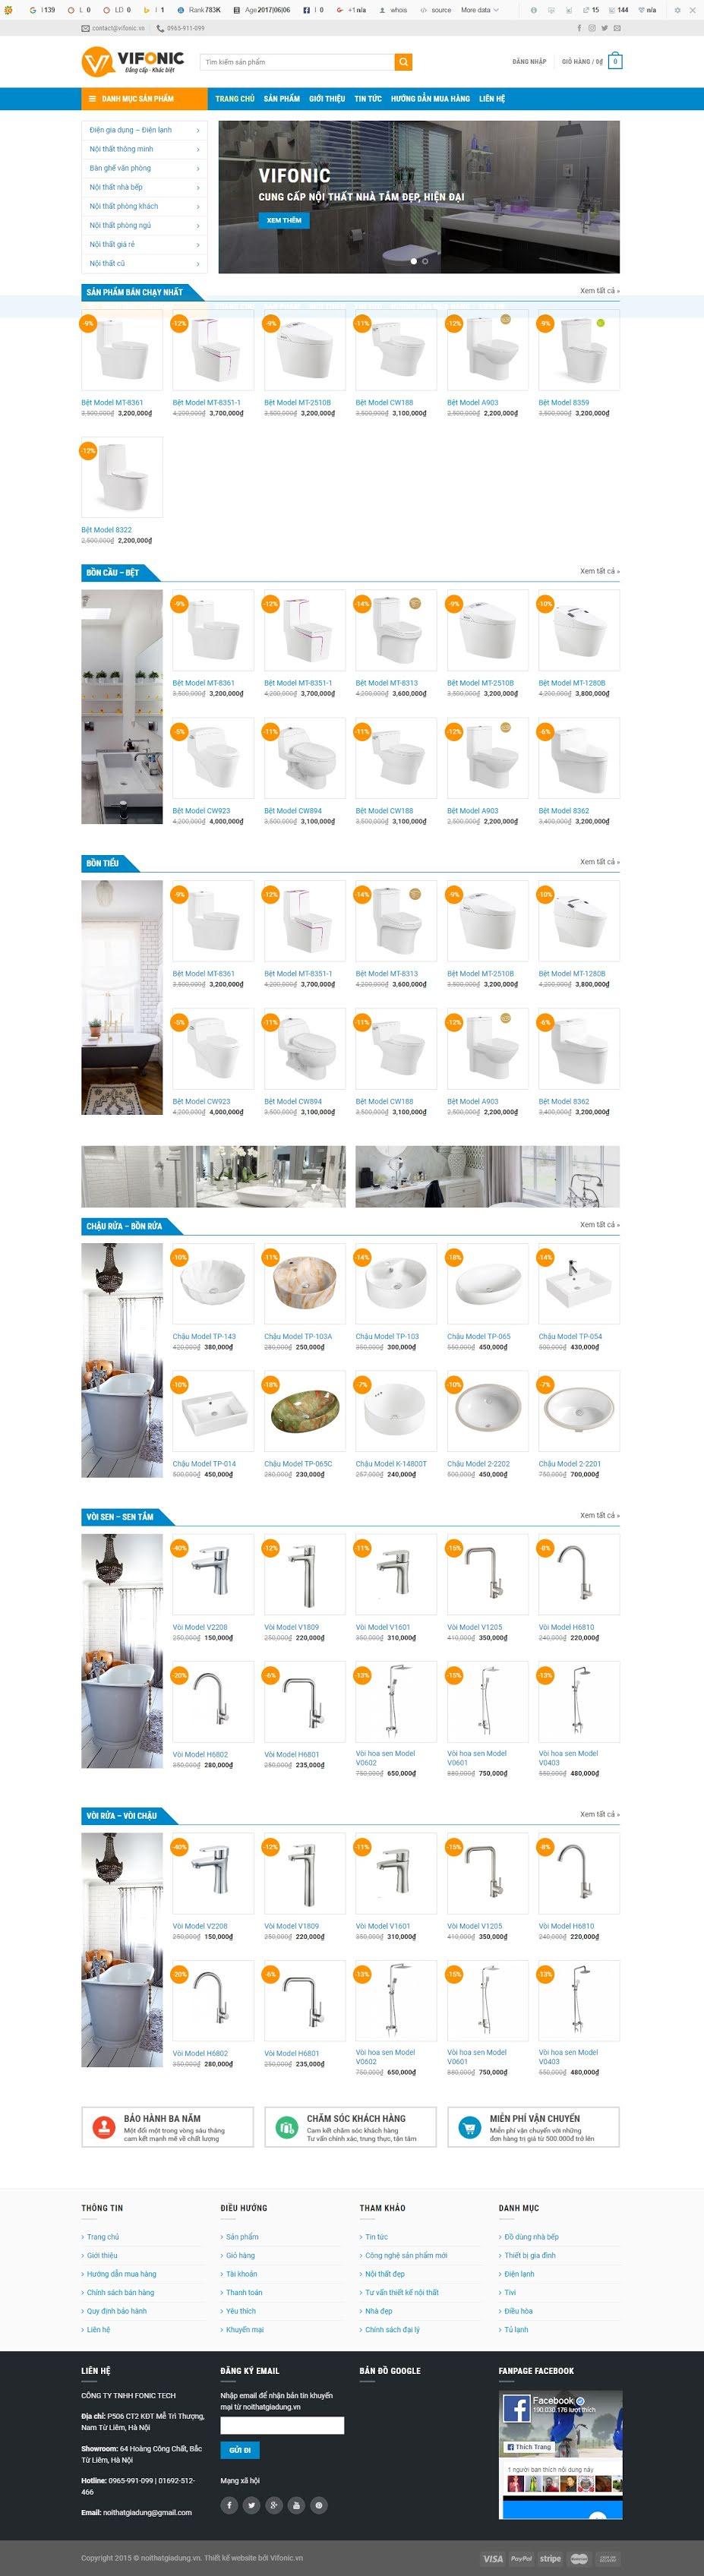 MẪU BÁN HÀNG 054 - thiết bị nhà tắm